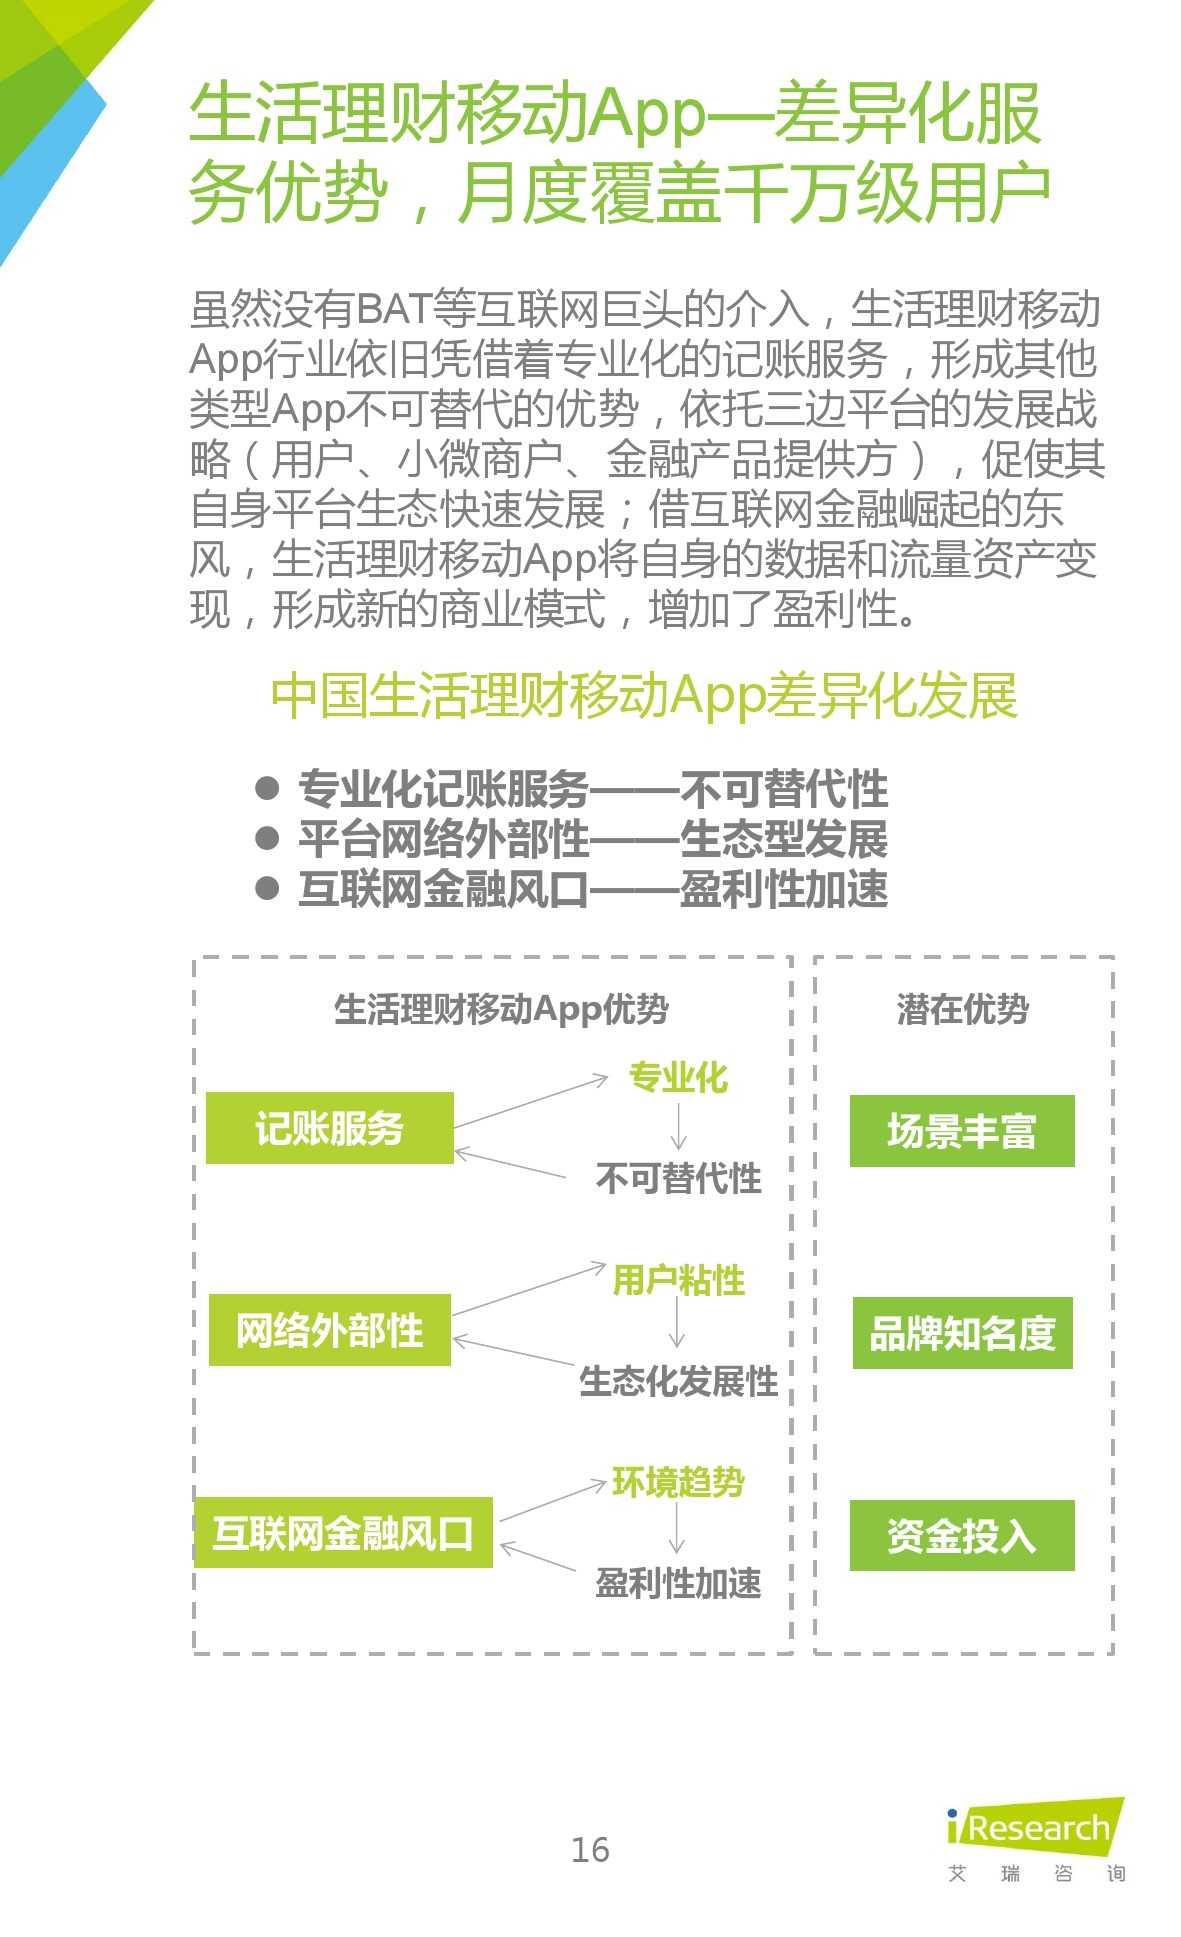 2015年中国生活理财移动App行业研究报告_000016